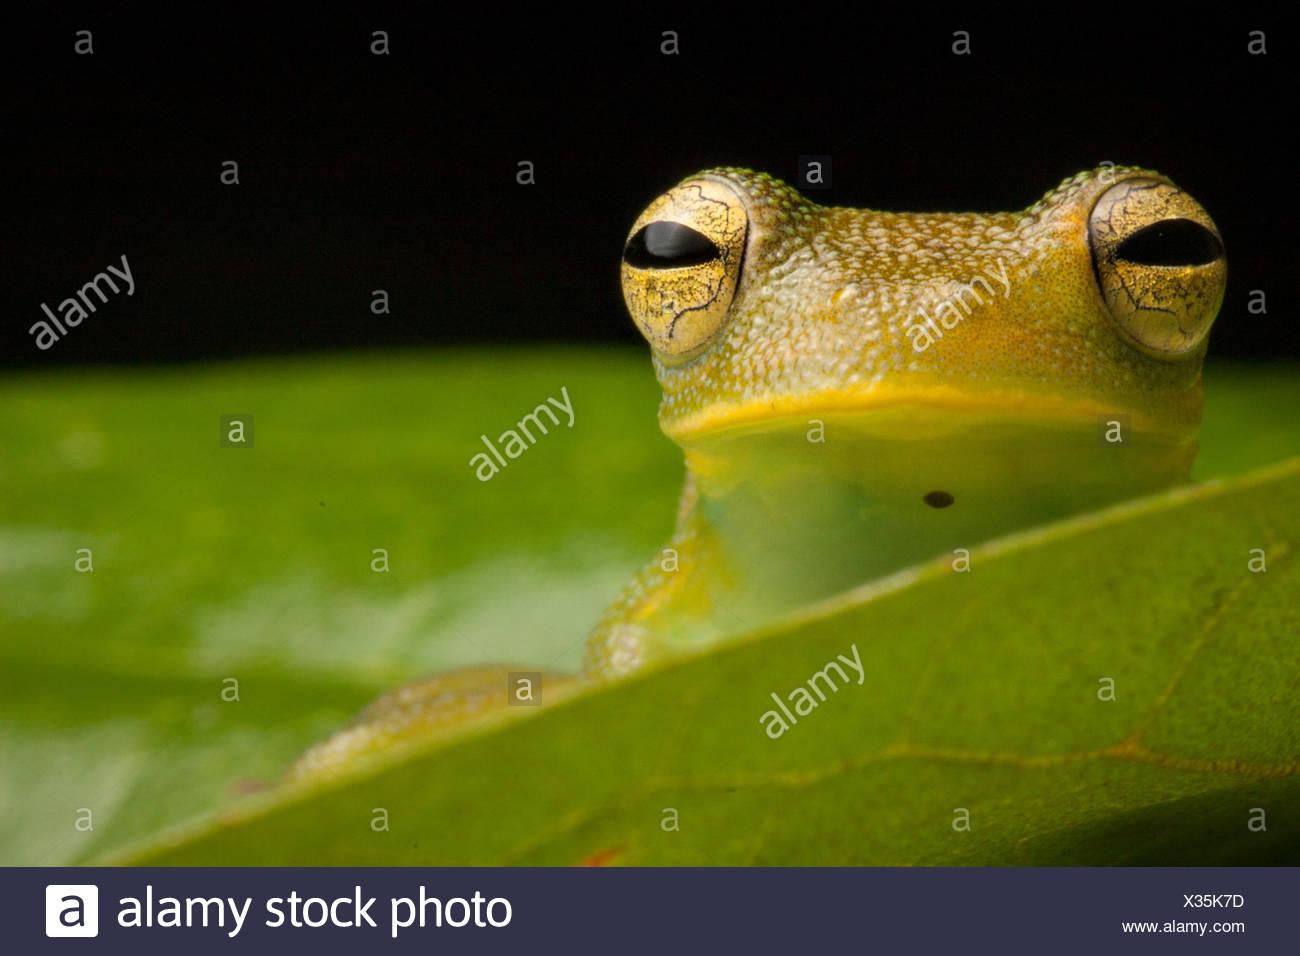 Portrait of a granular glass frog, Cochranella granulosa. - Stock Image